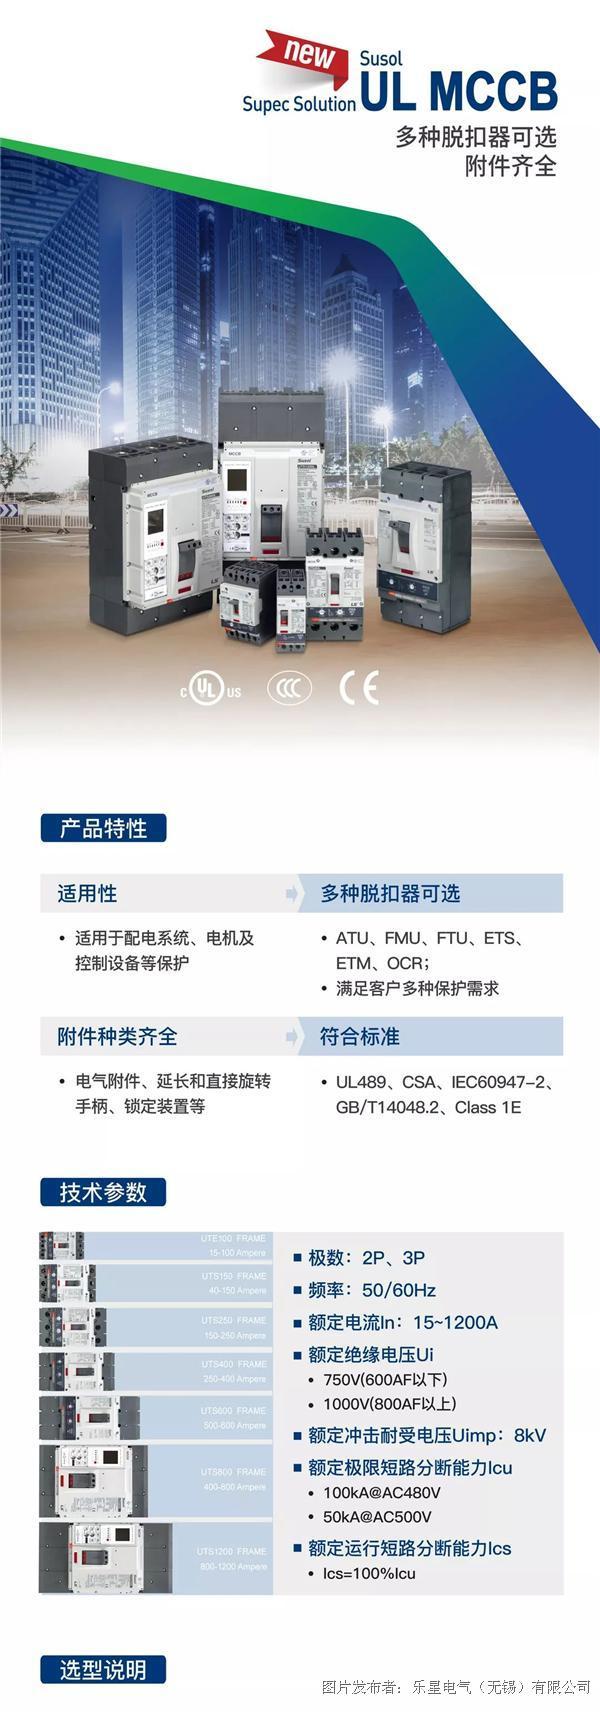 LSIS UL MCCB 多种脱扣器可选,附件齐全.jpg